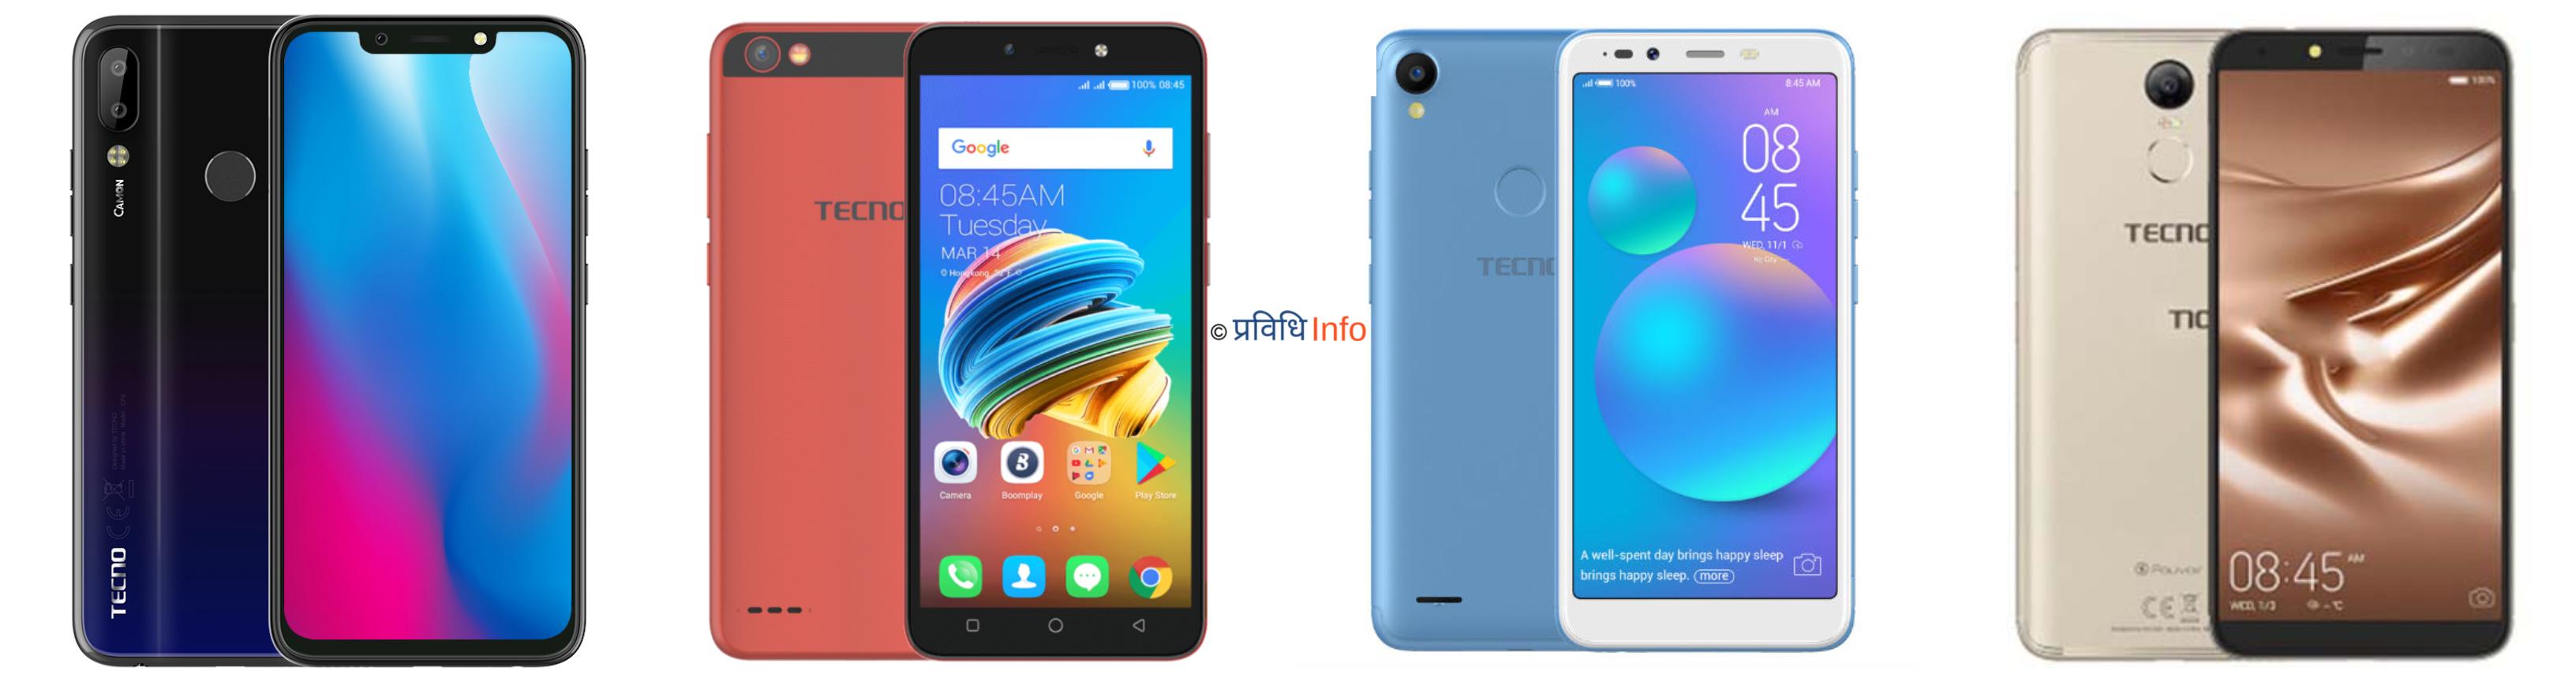 TECNO Mobile Price in Nepal 2019